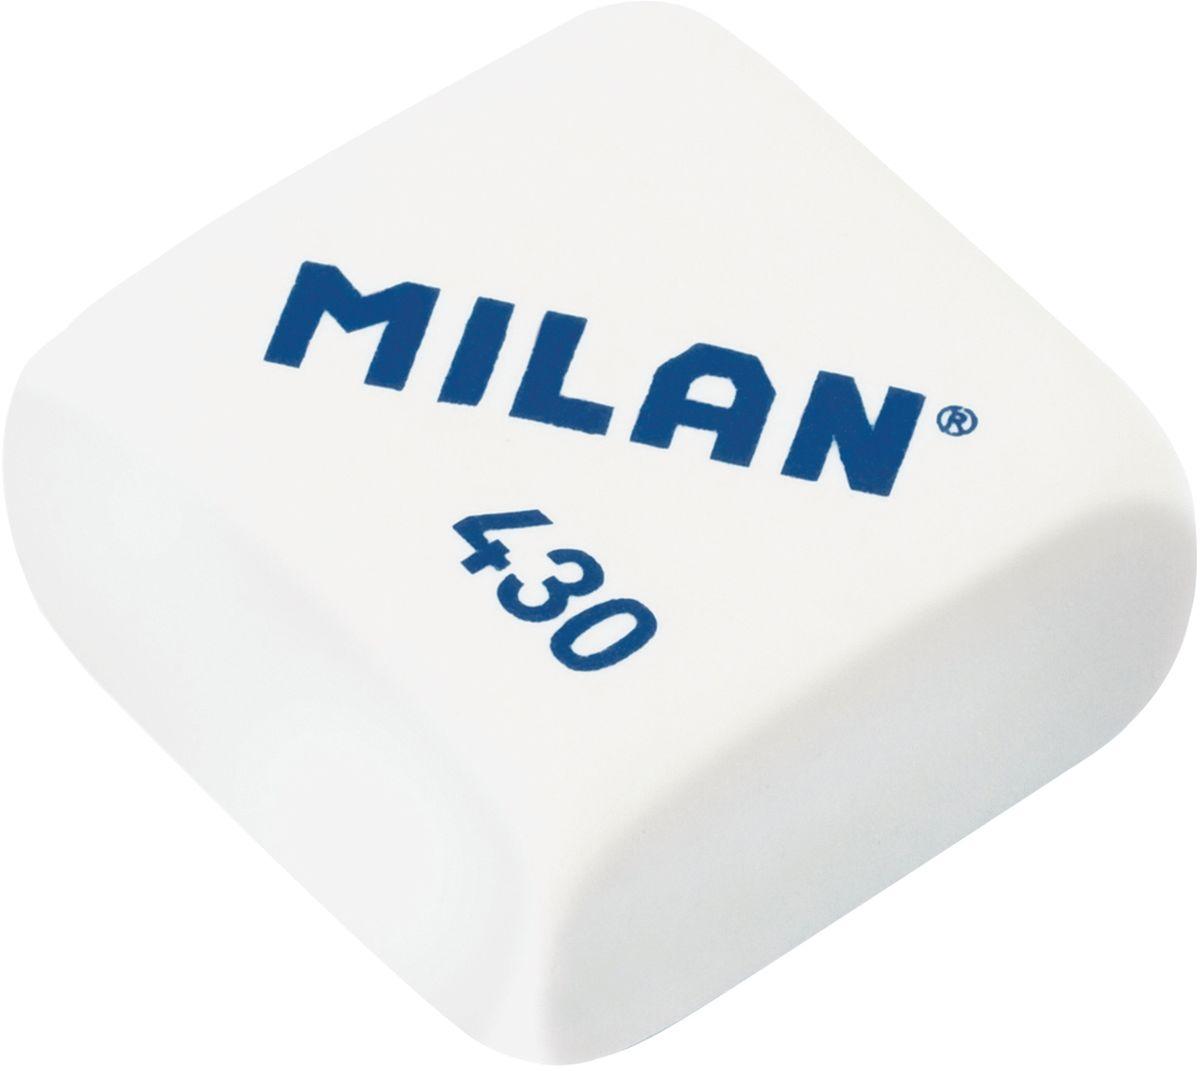 Качественный мягкий ластик Milan предназначен для работы с мягкими карандашами. Имеет классическую квадратную форму.